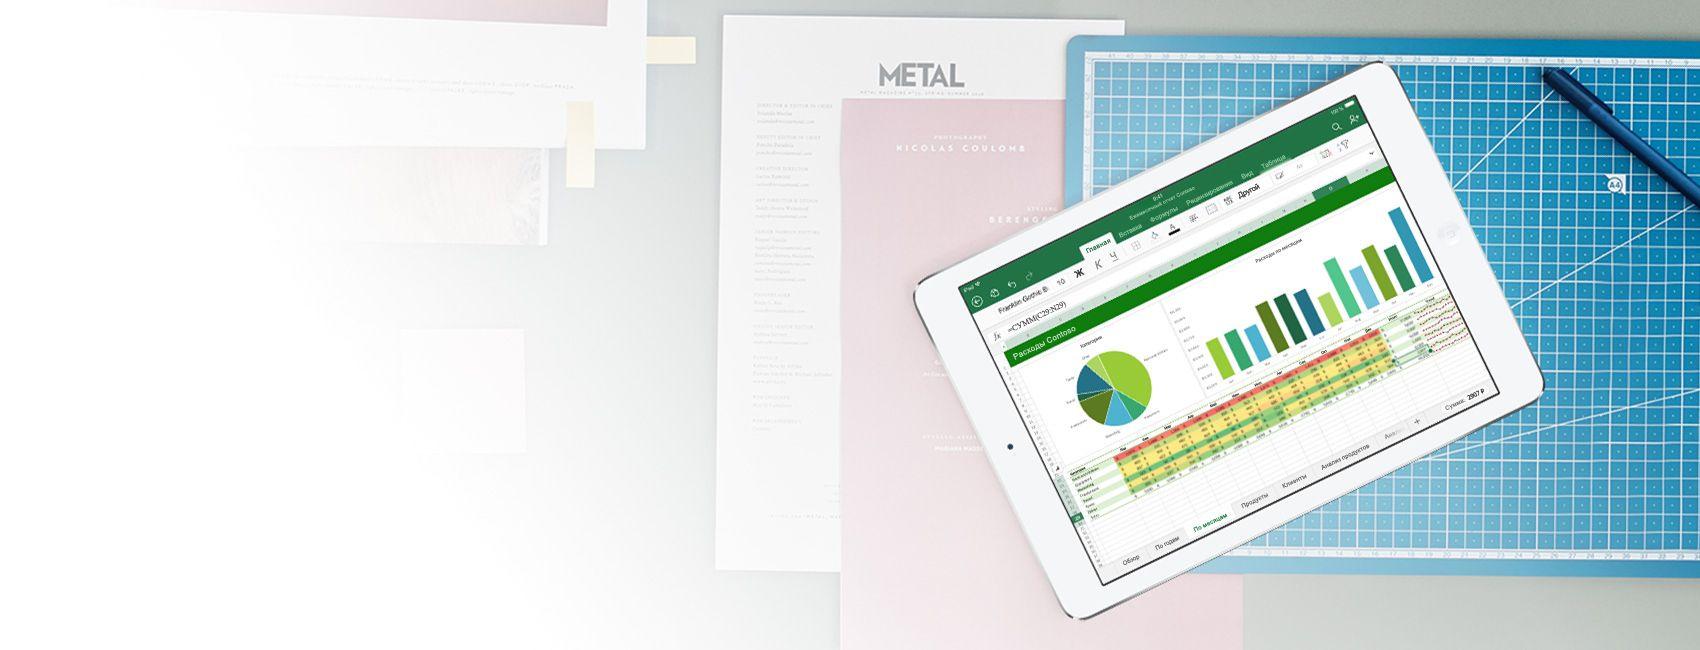 iPad с приложением Excel для iOS, в котором открыта электронная таблица Excel с диаграммами.